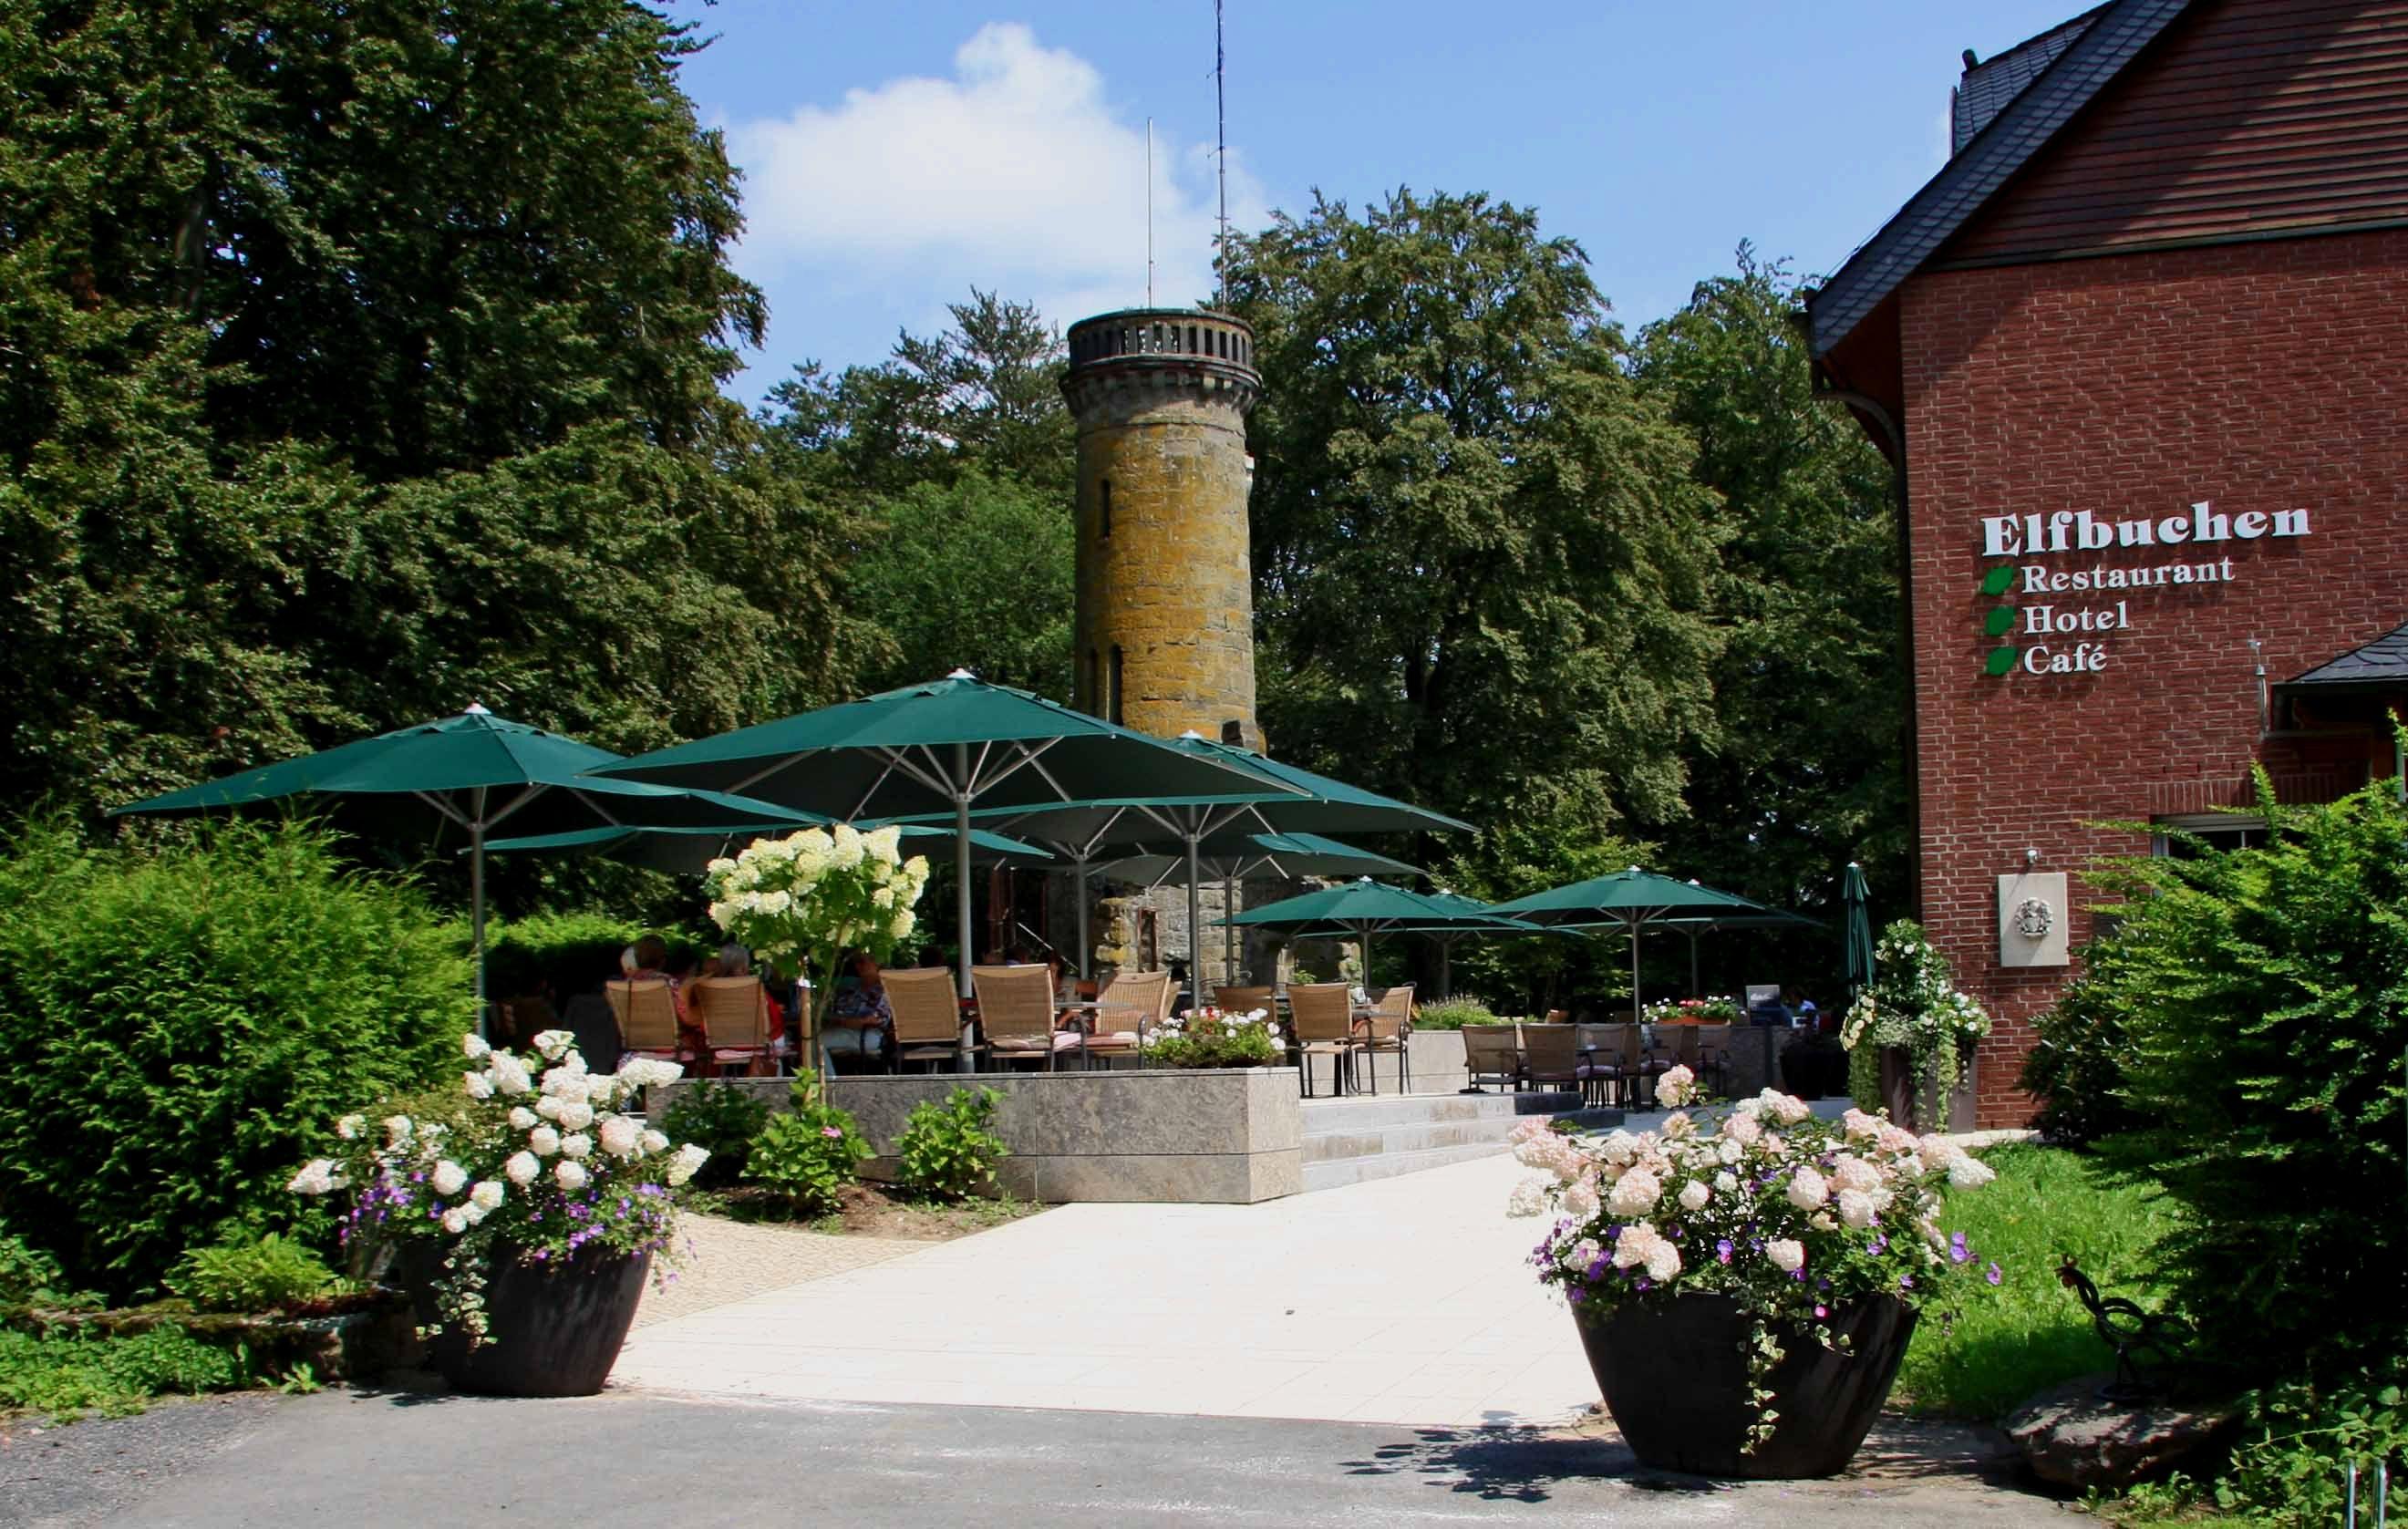 Waldhotel Elfbuchen